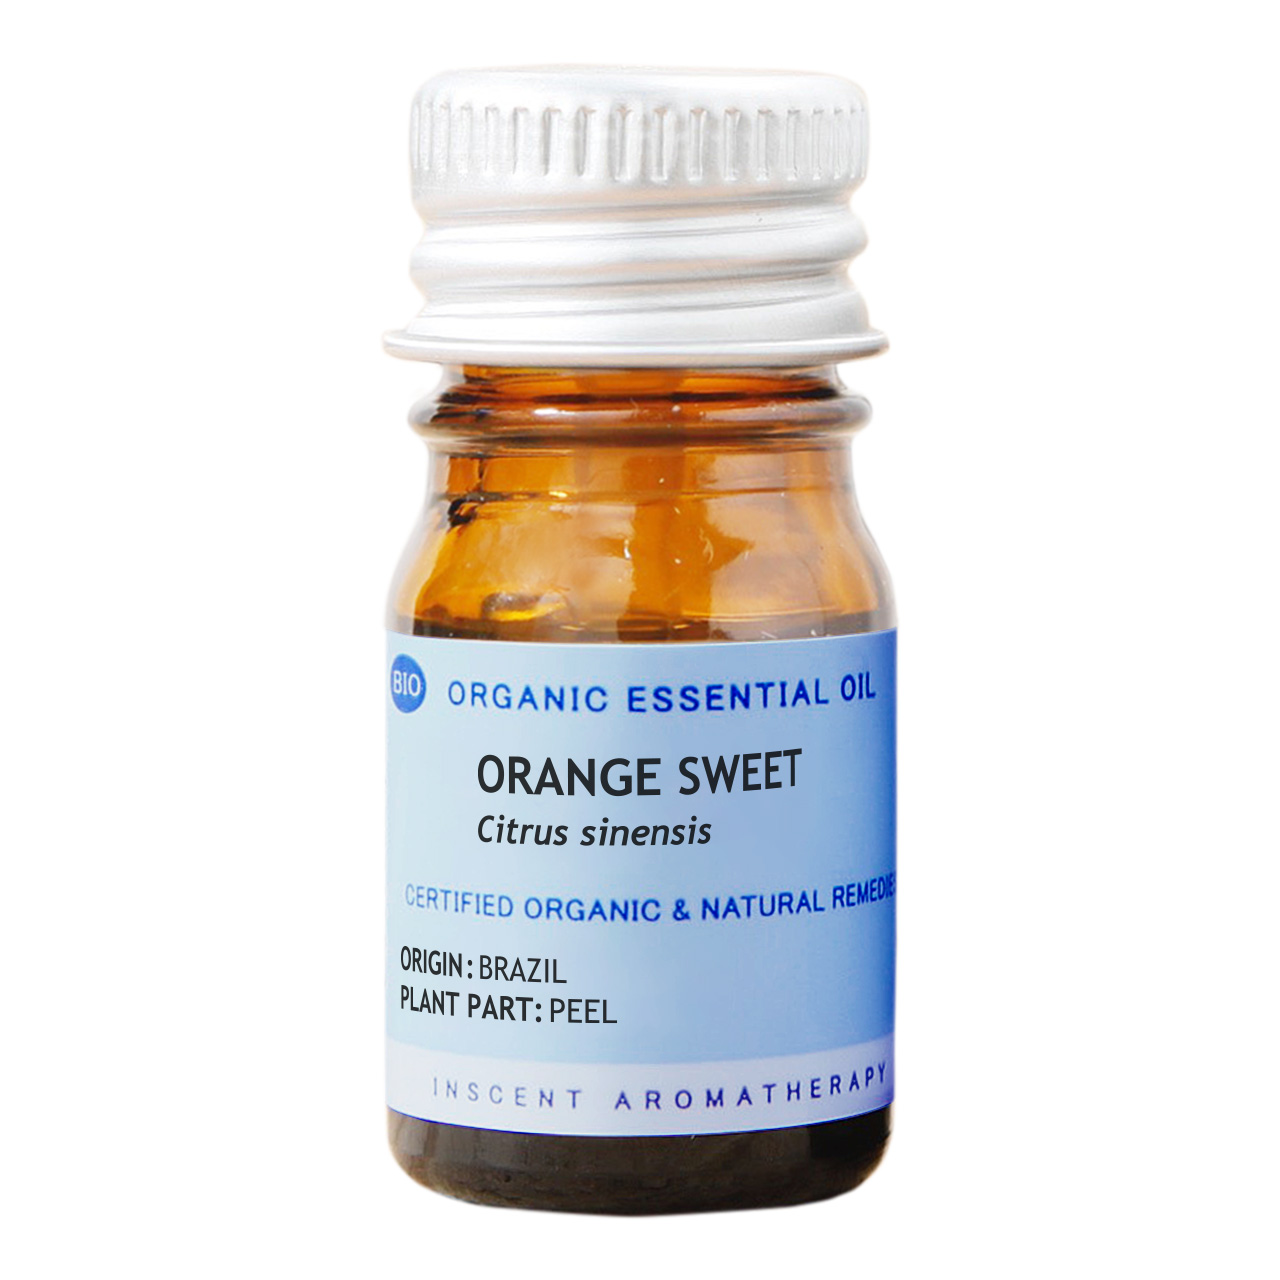 [オーガニック] オレンジスイート 5ml インセントオーガニック エッセンシャルオイル 精油